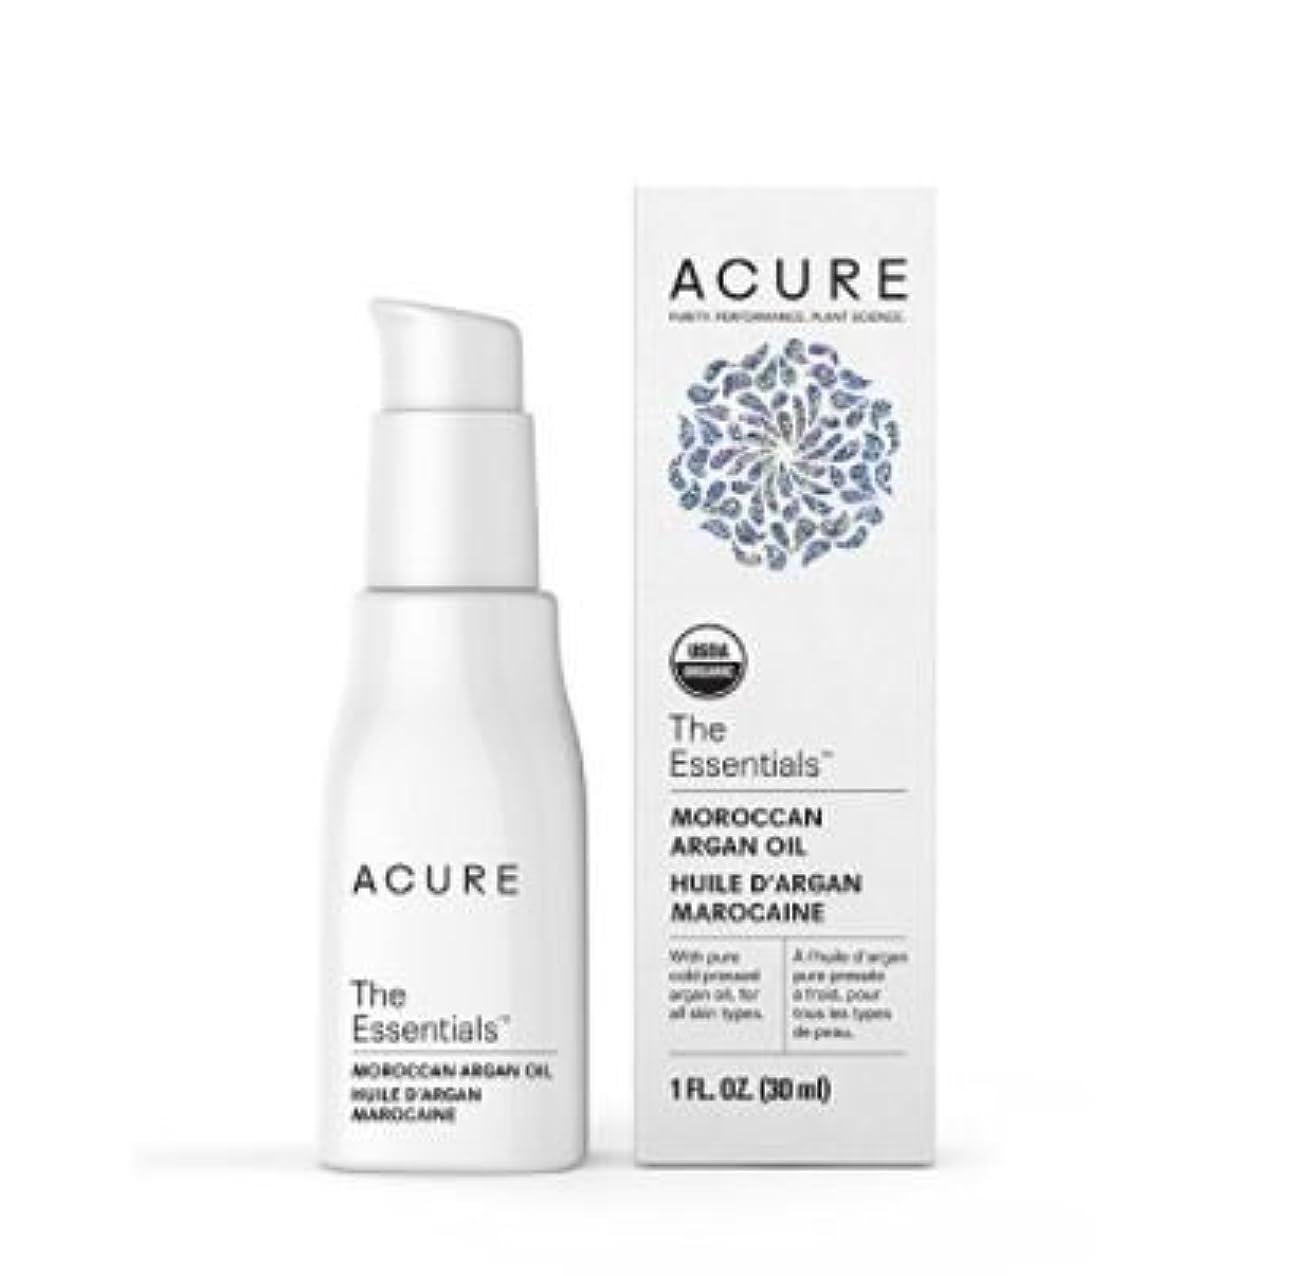 傾向ネイティブ式Acure Organics オーガニック モロッコ原産 アルガンオイル トリートメント 全ての肌タイプ用 1 oz 30ml【並行輸入品】